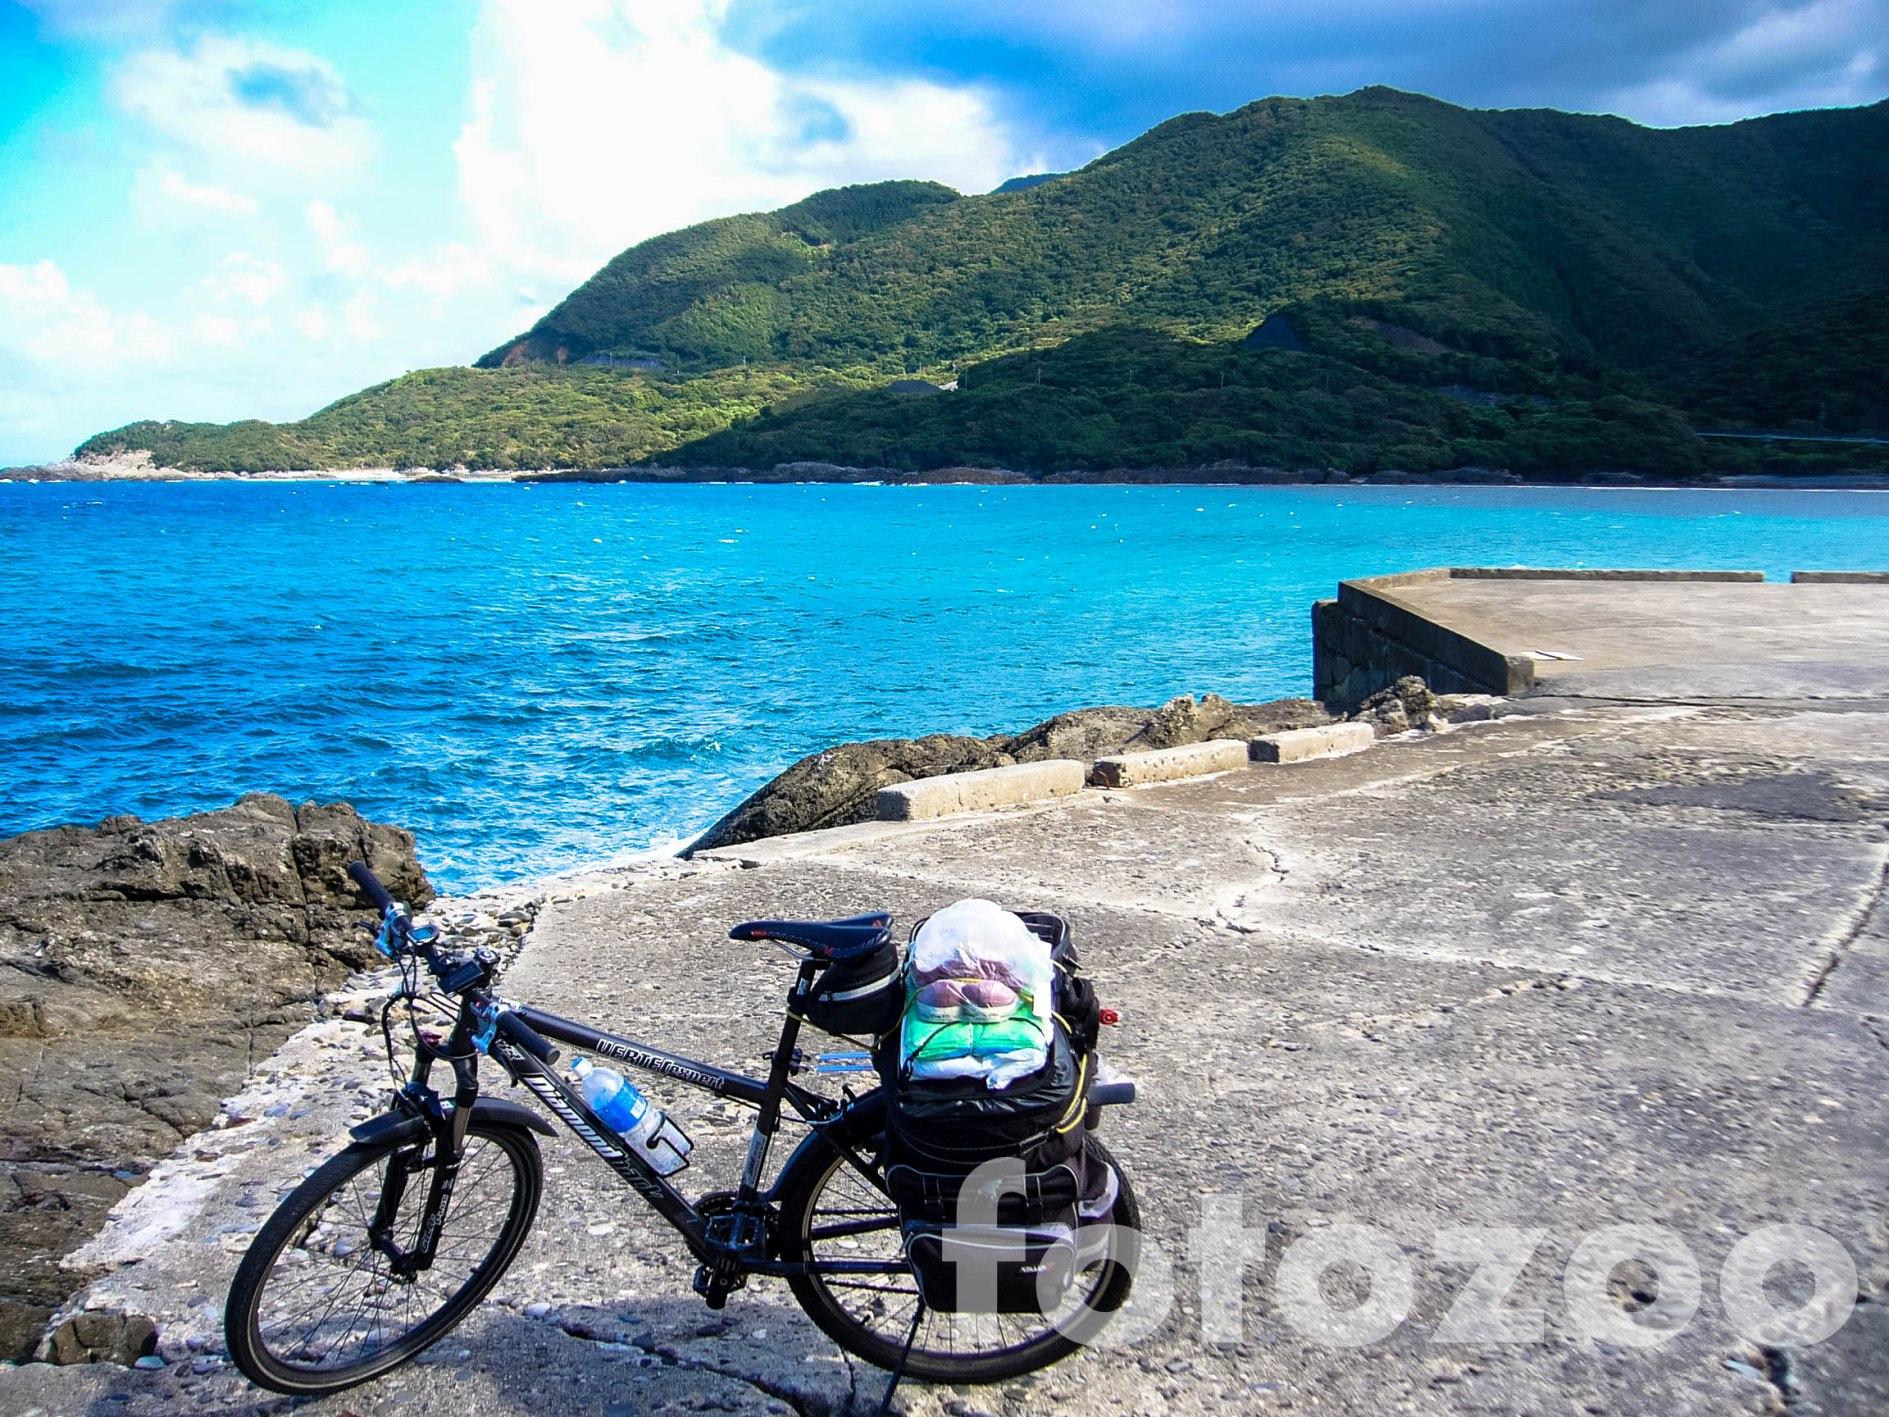 Gyönyörű partszakaszok, türkiz színű tenger, zöldellő hegyek, ez Yakushima.